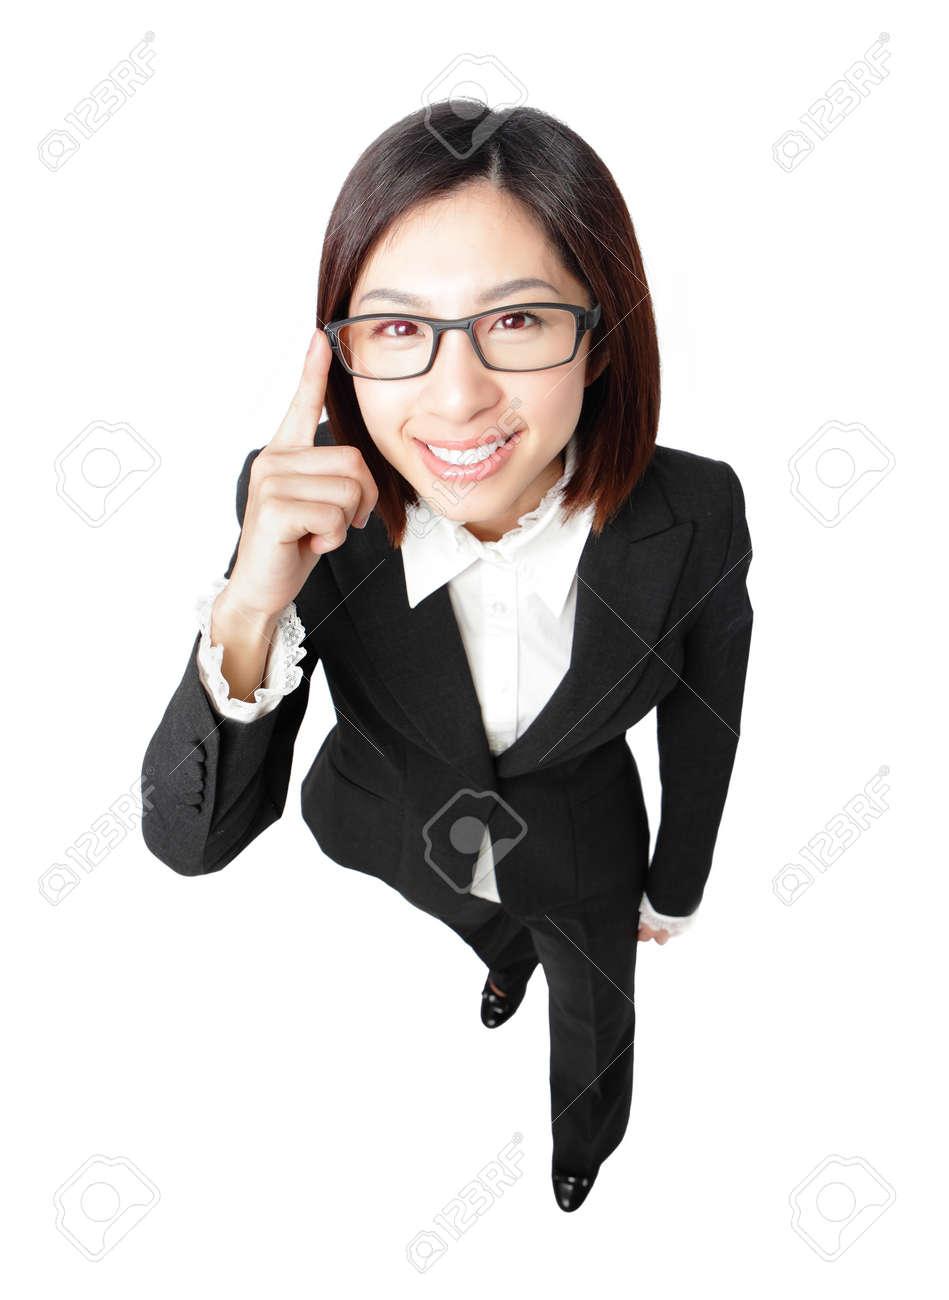 12033990-réussis-d-affaires-lunettes-femme-tactiles-yeux-avec-un-sourire-vue -la-longueur-portrait-complet-de.jpg ce683ffdac33